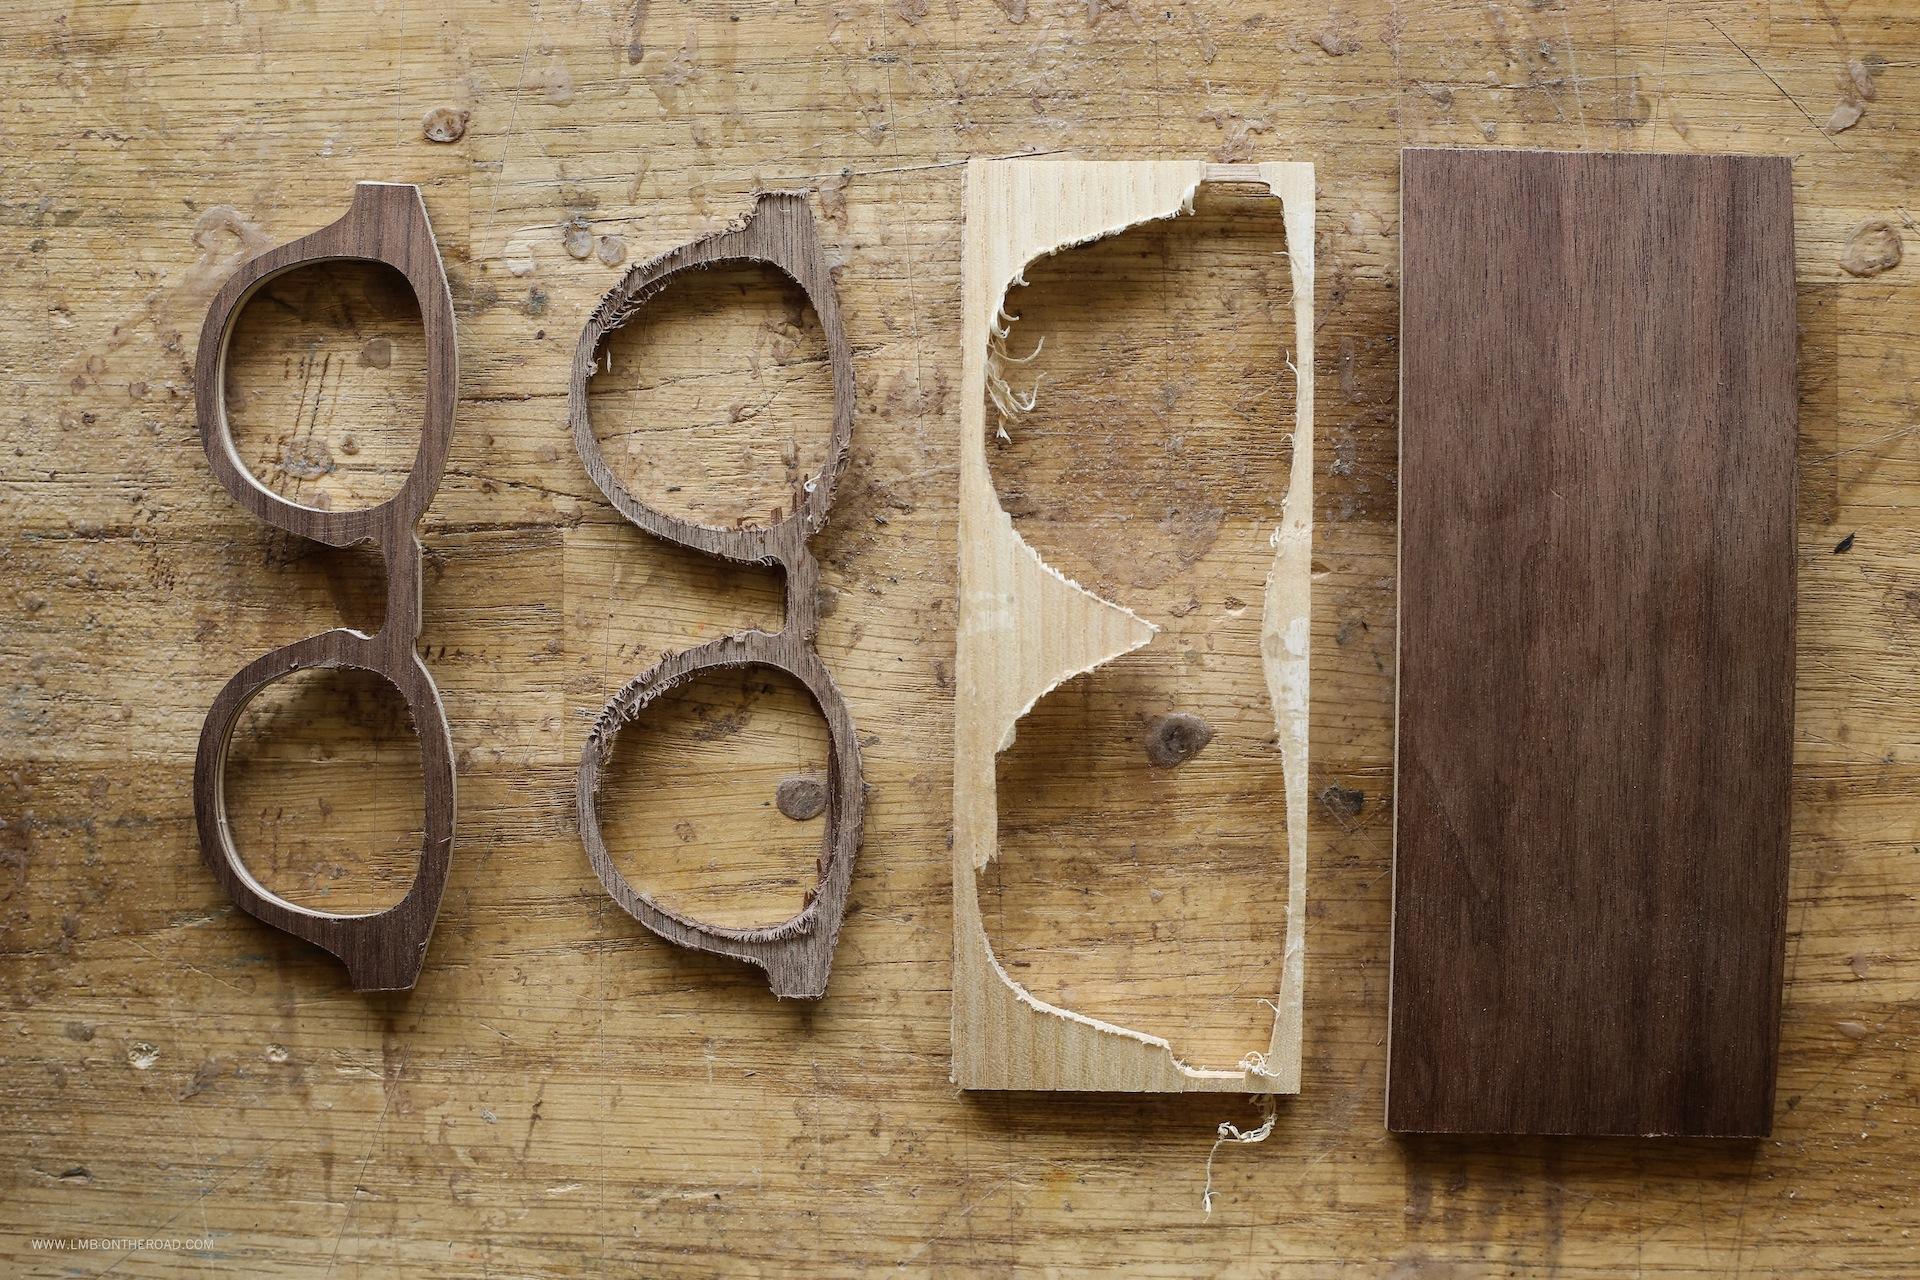 Shelter-L'usinage des faces et des branches dans les plaques de bois, par nos artisans lunetiers du Jura copie